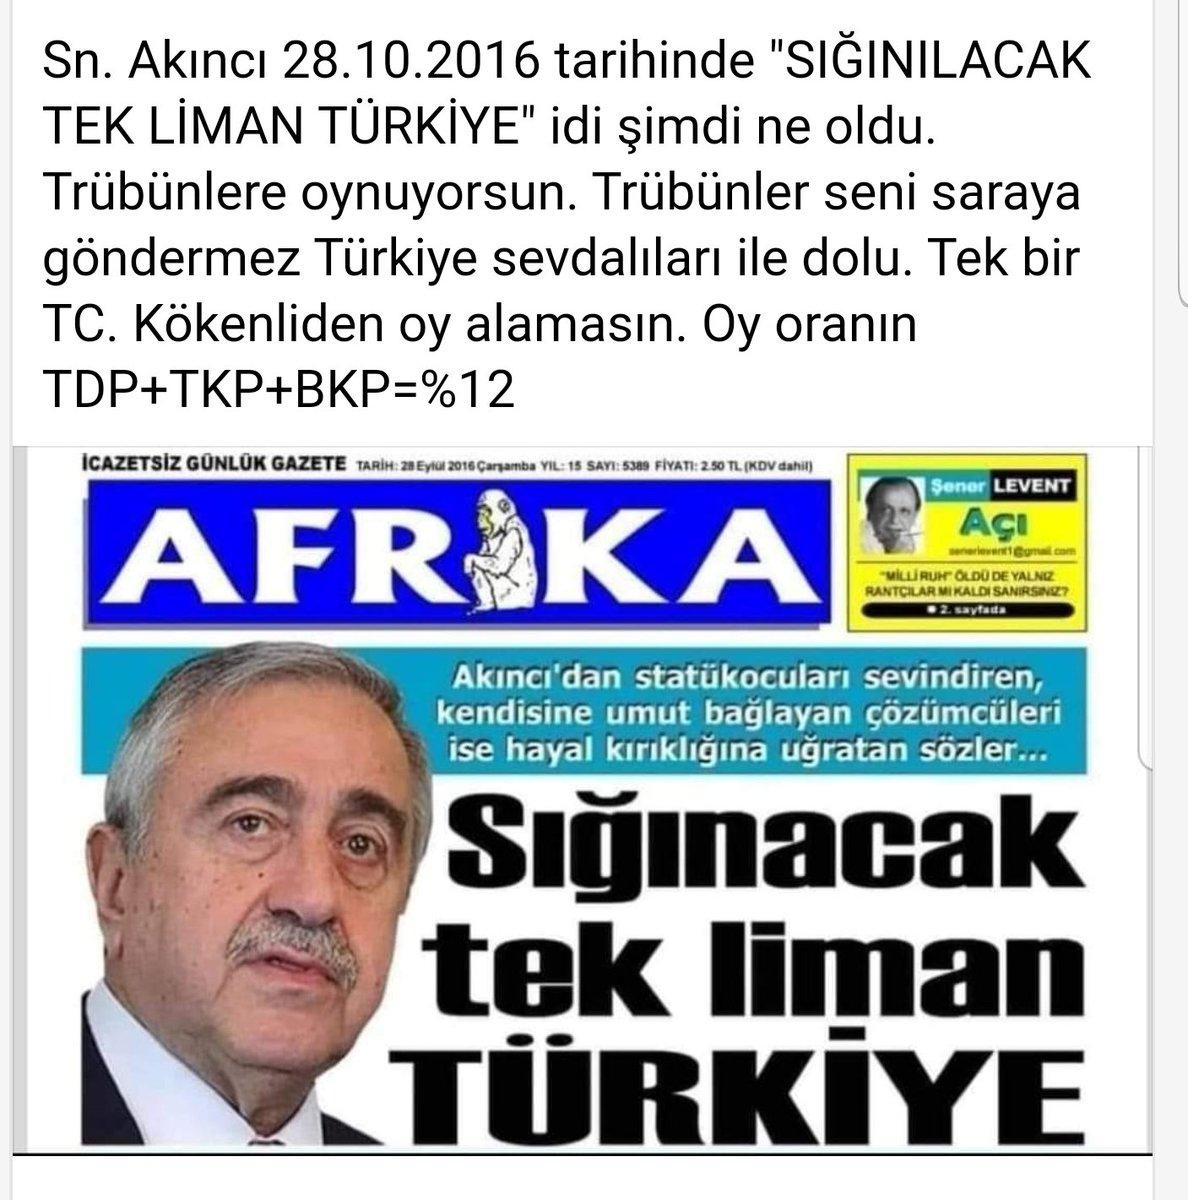 Sığınacak tek  liman Türkiye diyen @MustafaAkinci_1 şimdi siyaset yapacam diye dış güçlerin aklına uyup hareket ediyor. Yapma Akıncı, Kıbrıs için uğraş KENDİN için değil!